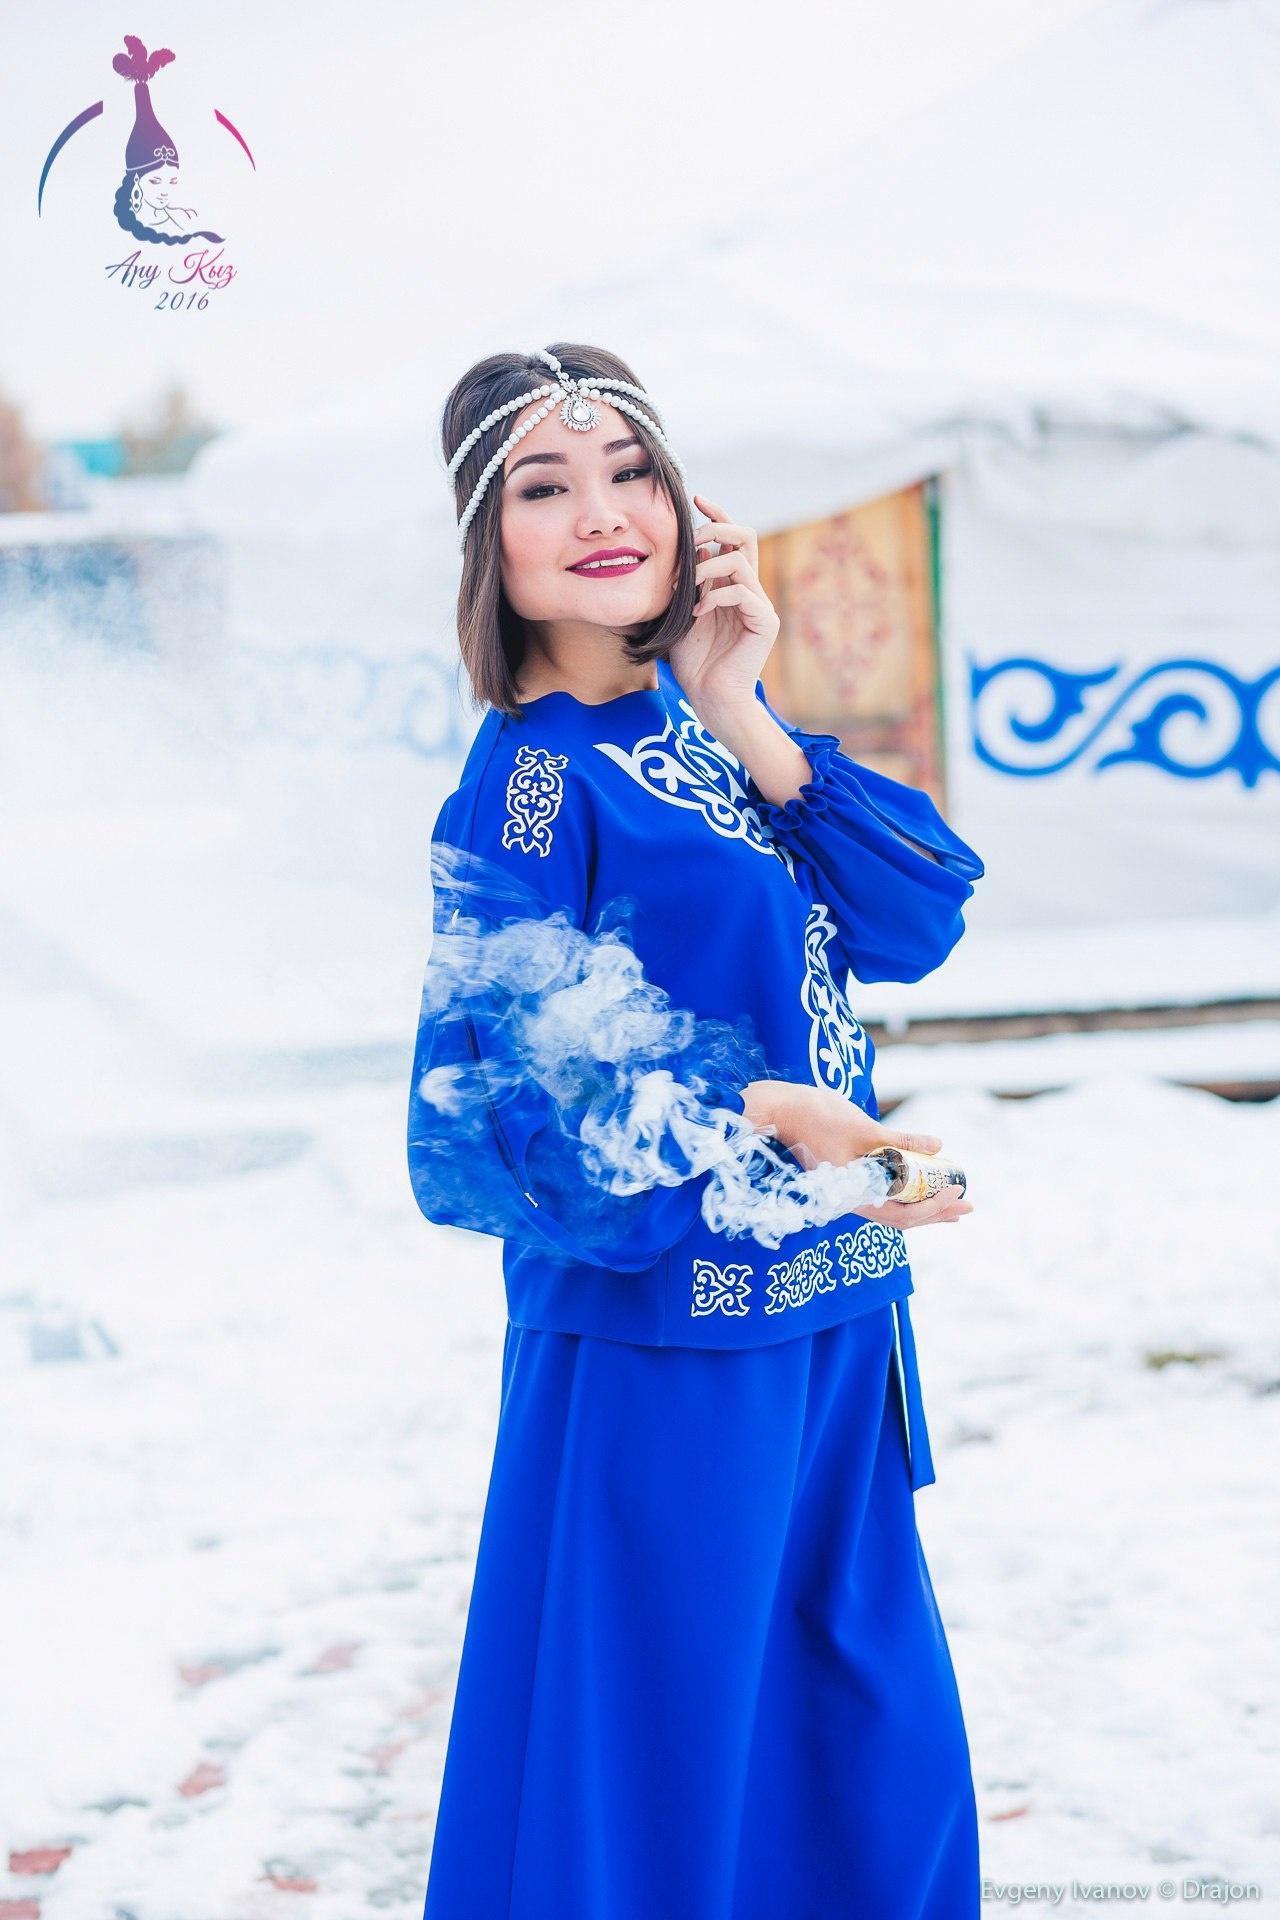 Айнур Дюсекенова завоевала титул первой вице-мисс